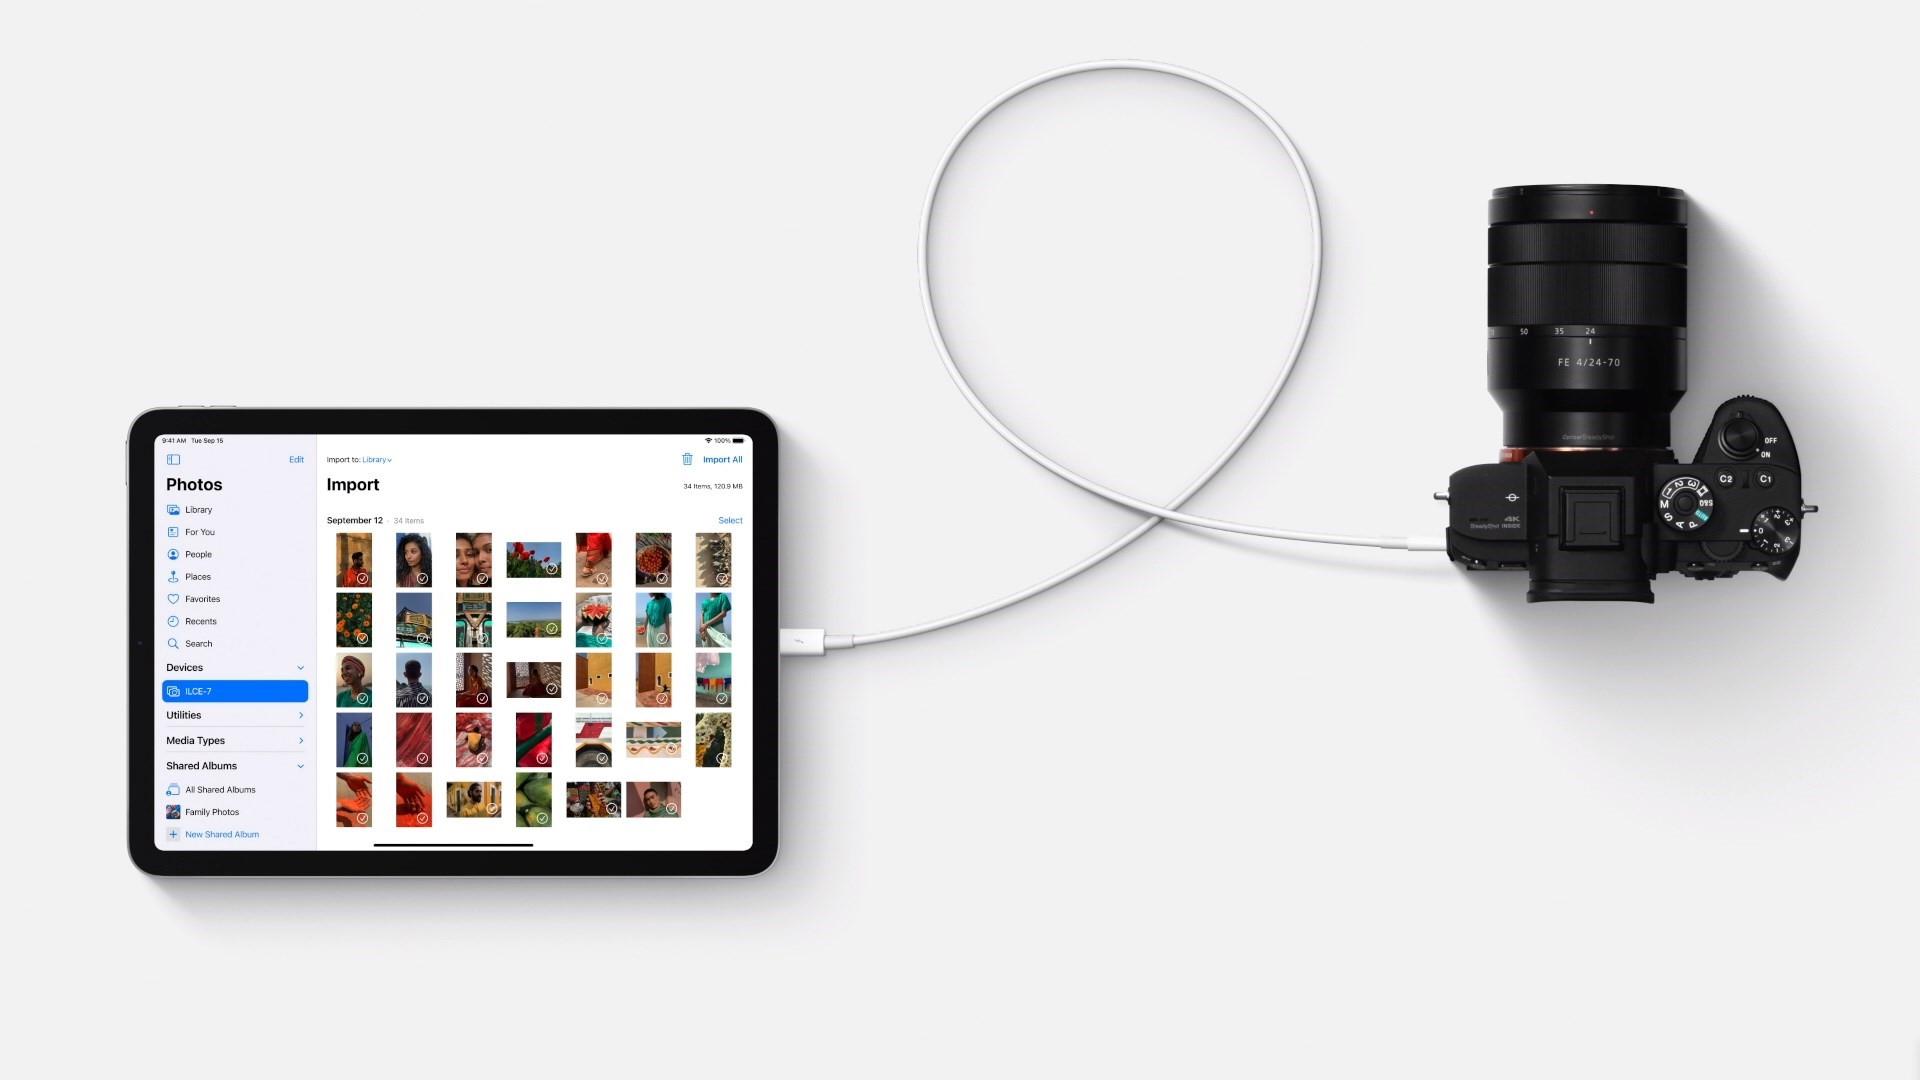 חיבור USB-C באייפד אייר, צילום מסך: אפל